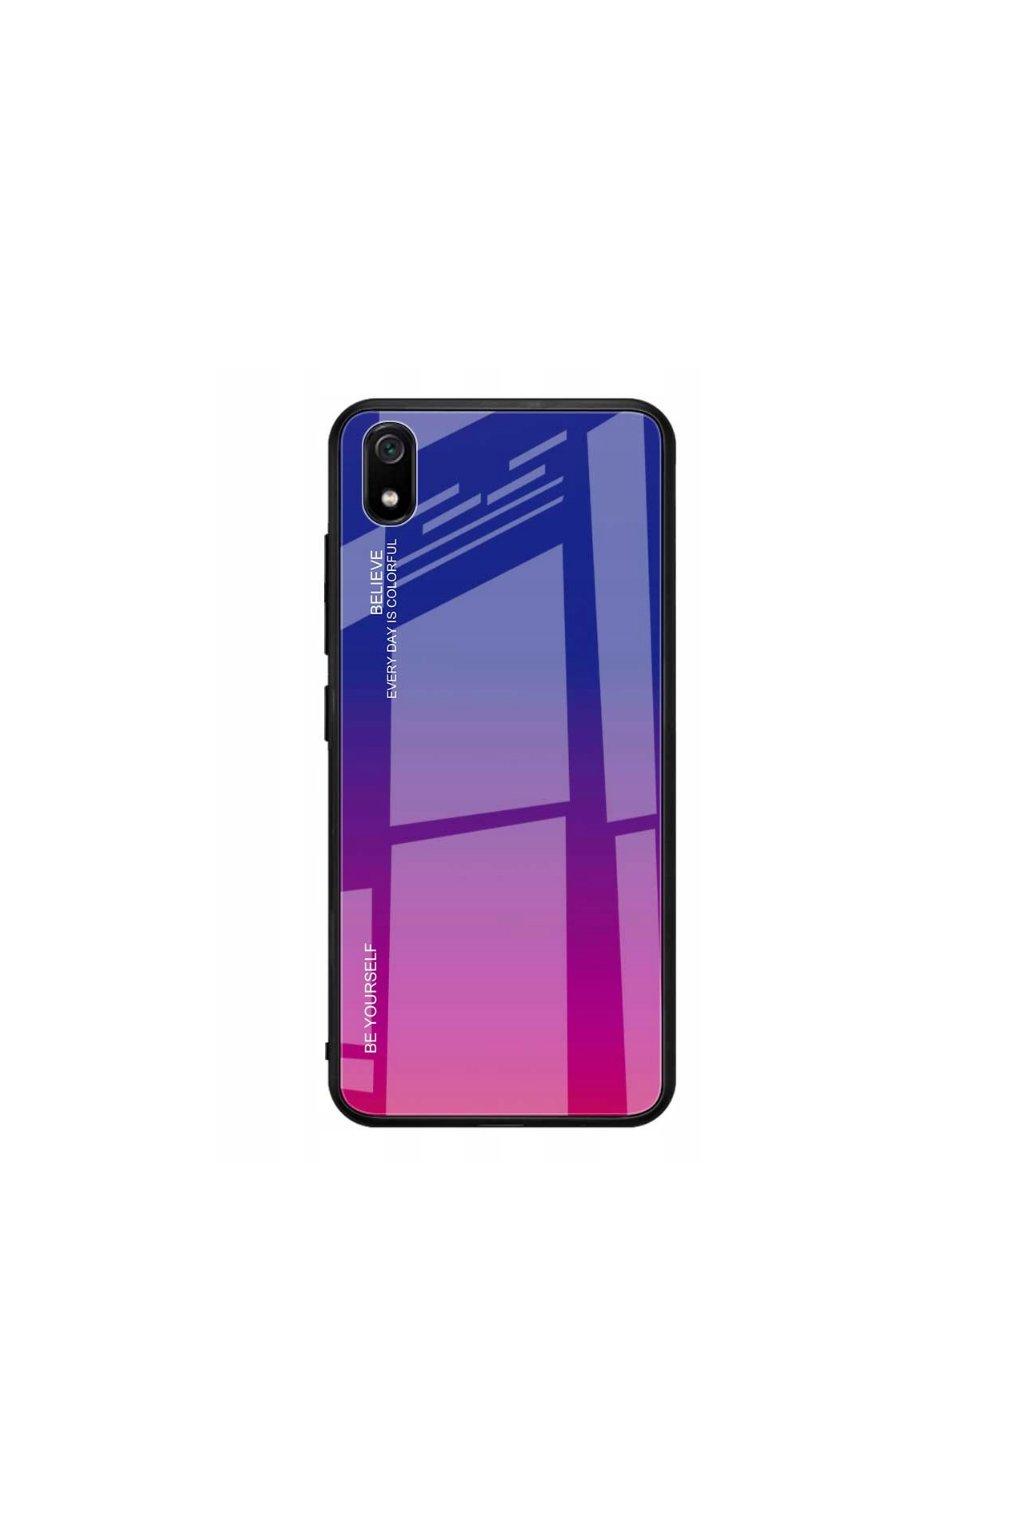 eng pl Glass case Gradient XIAOMI REDMI 7A purple 63800 1